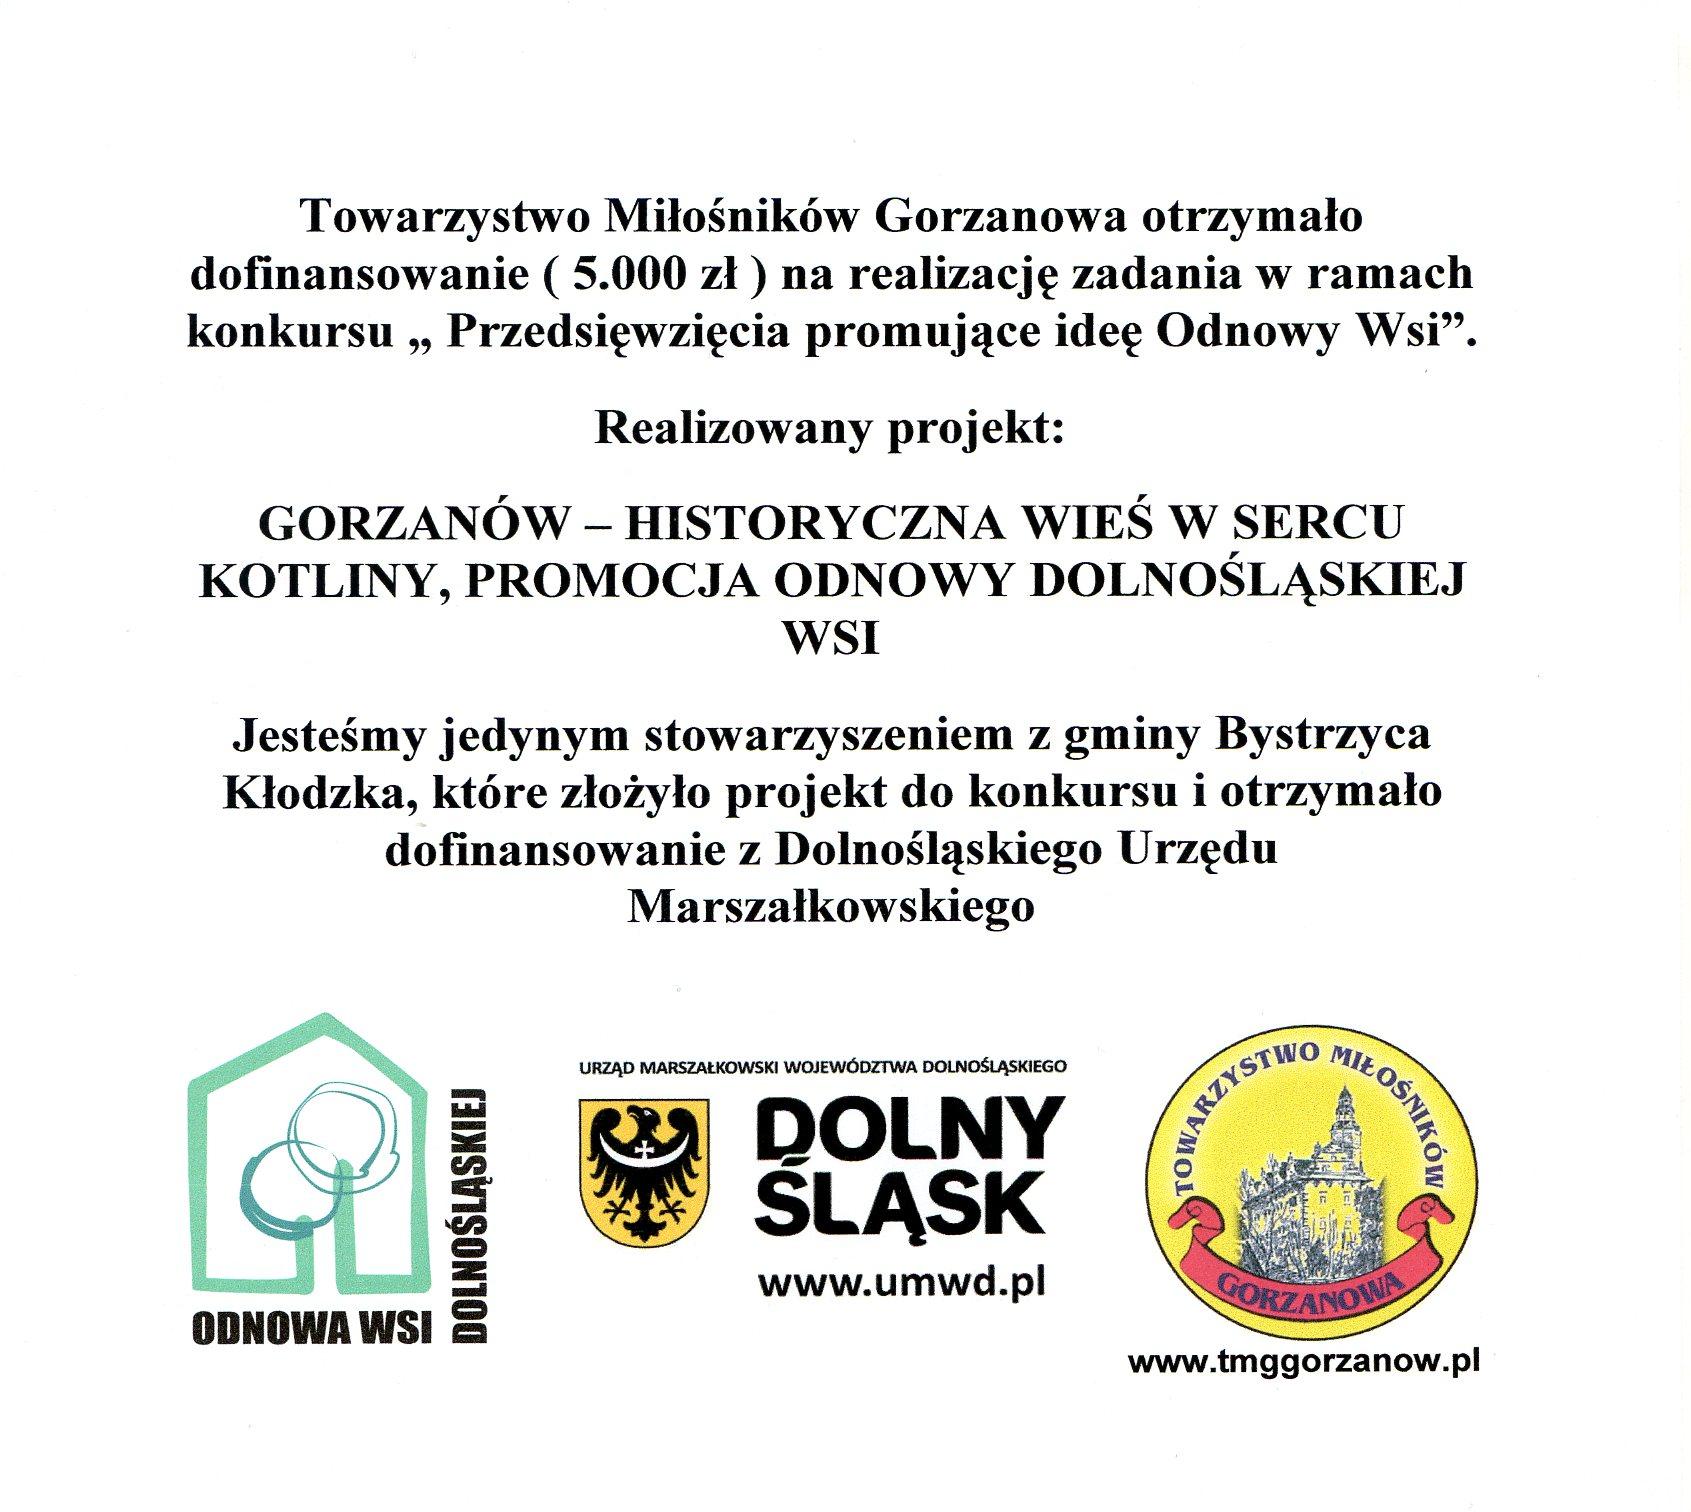 Tablica_Gorzanow-historyczna wies wsercu kotliny